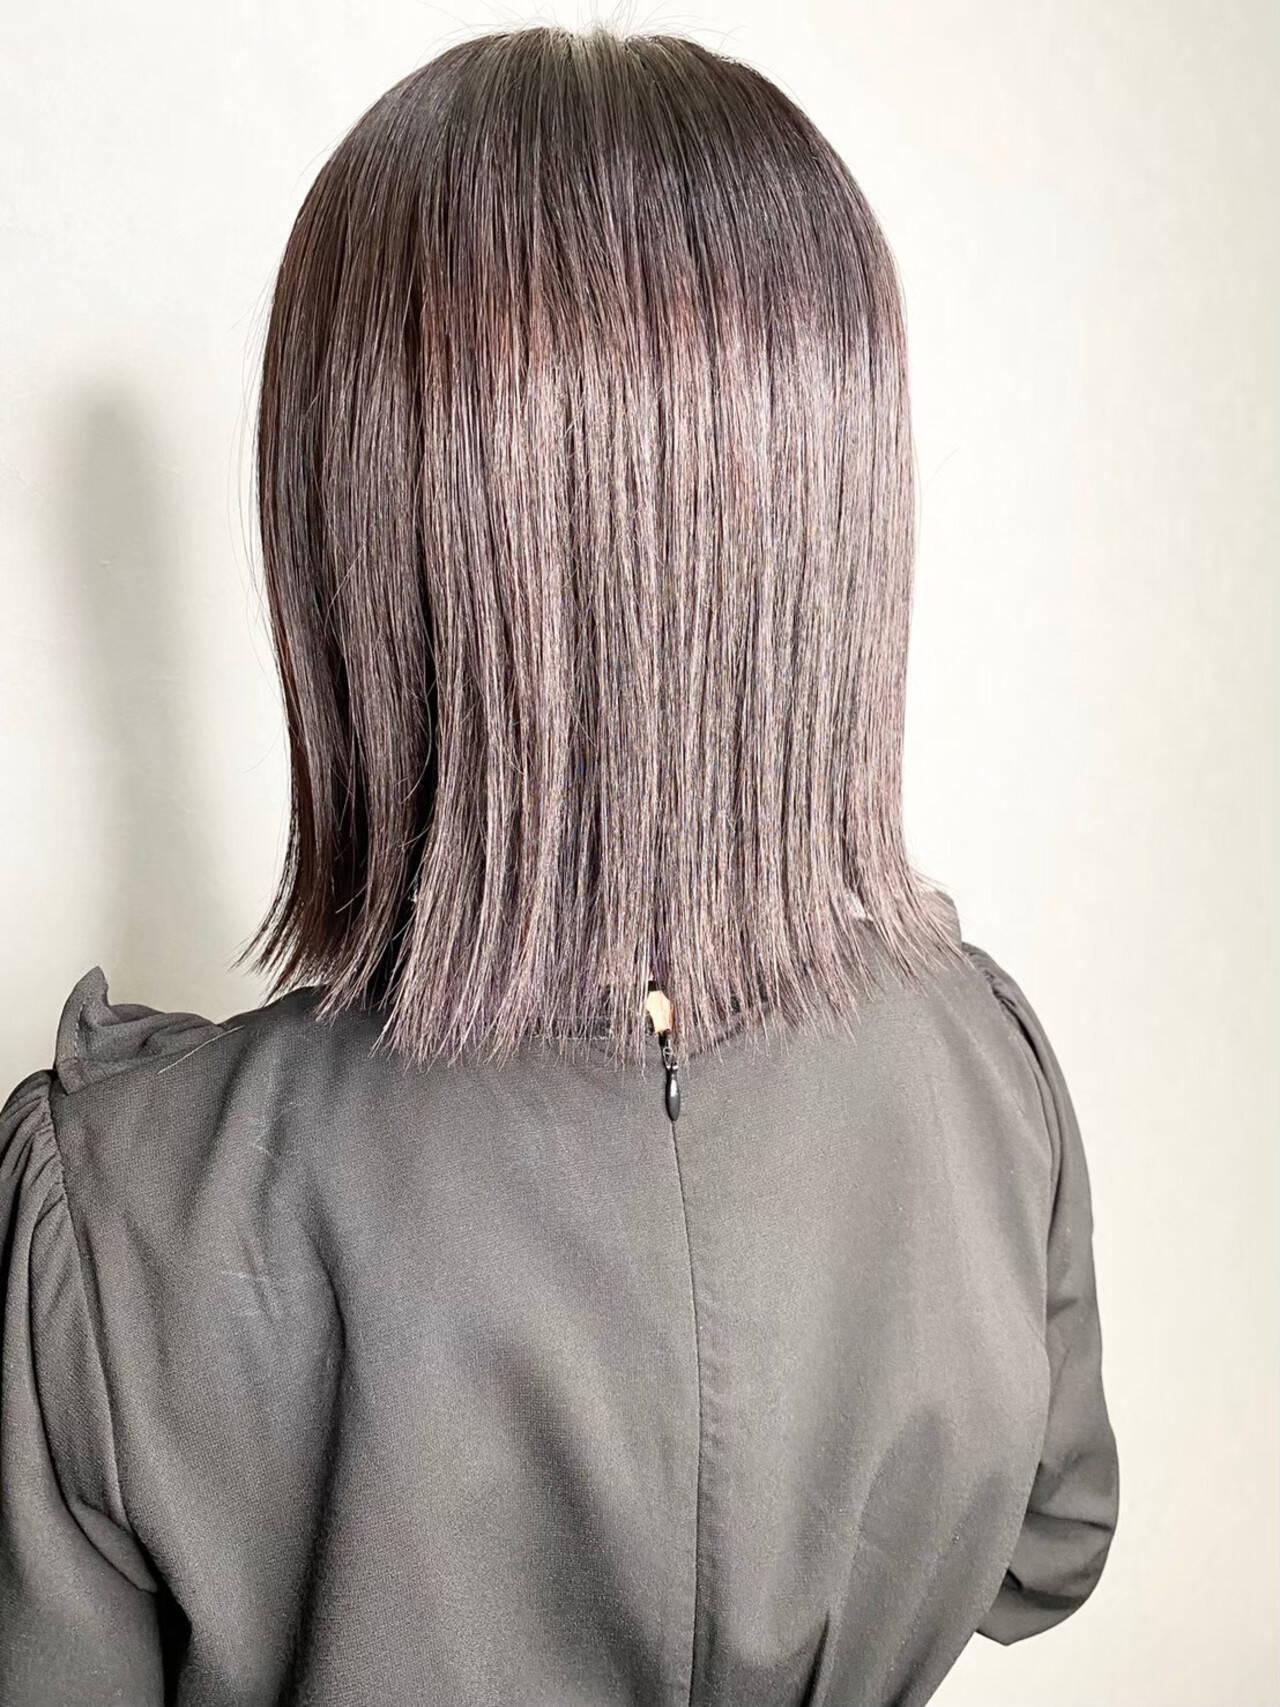 アンニュイほつれヘア ナチュラル ミニボブ ボブヘアスタイルや髪型の写真・画像